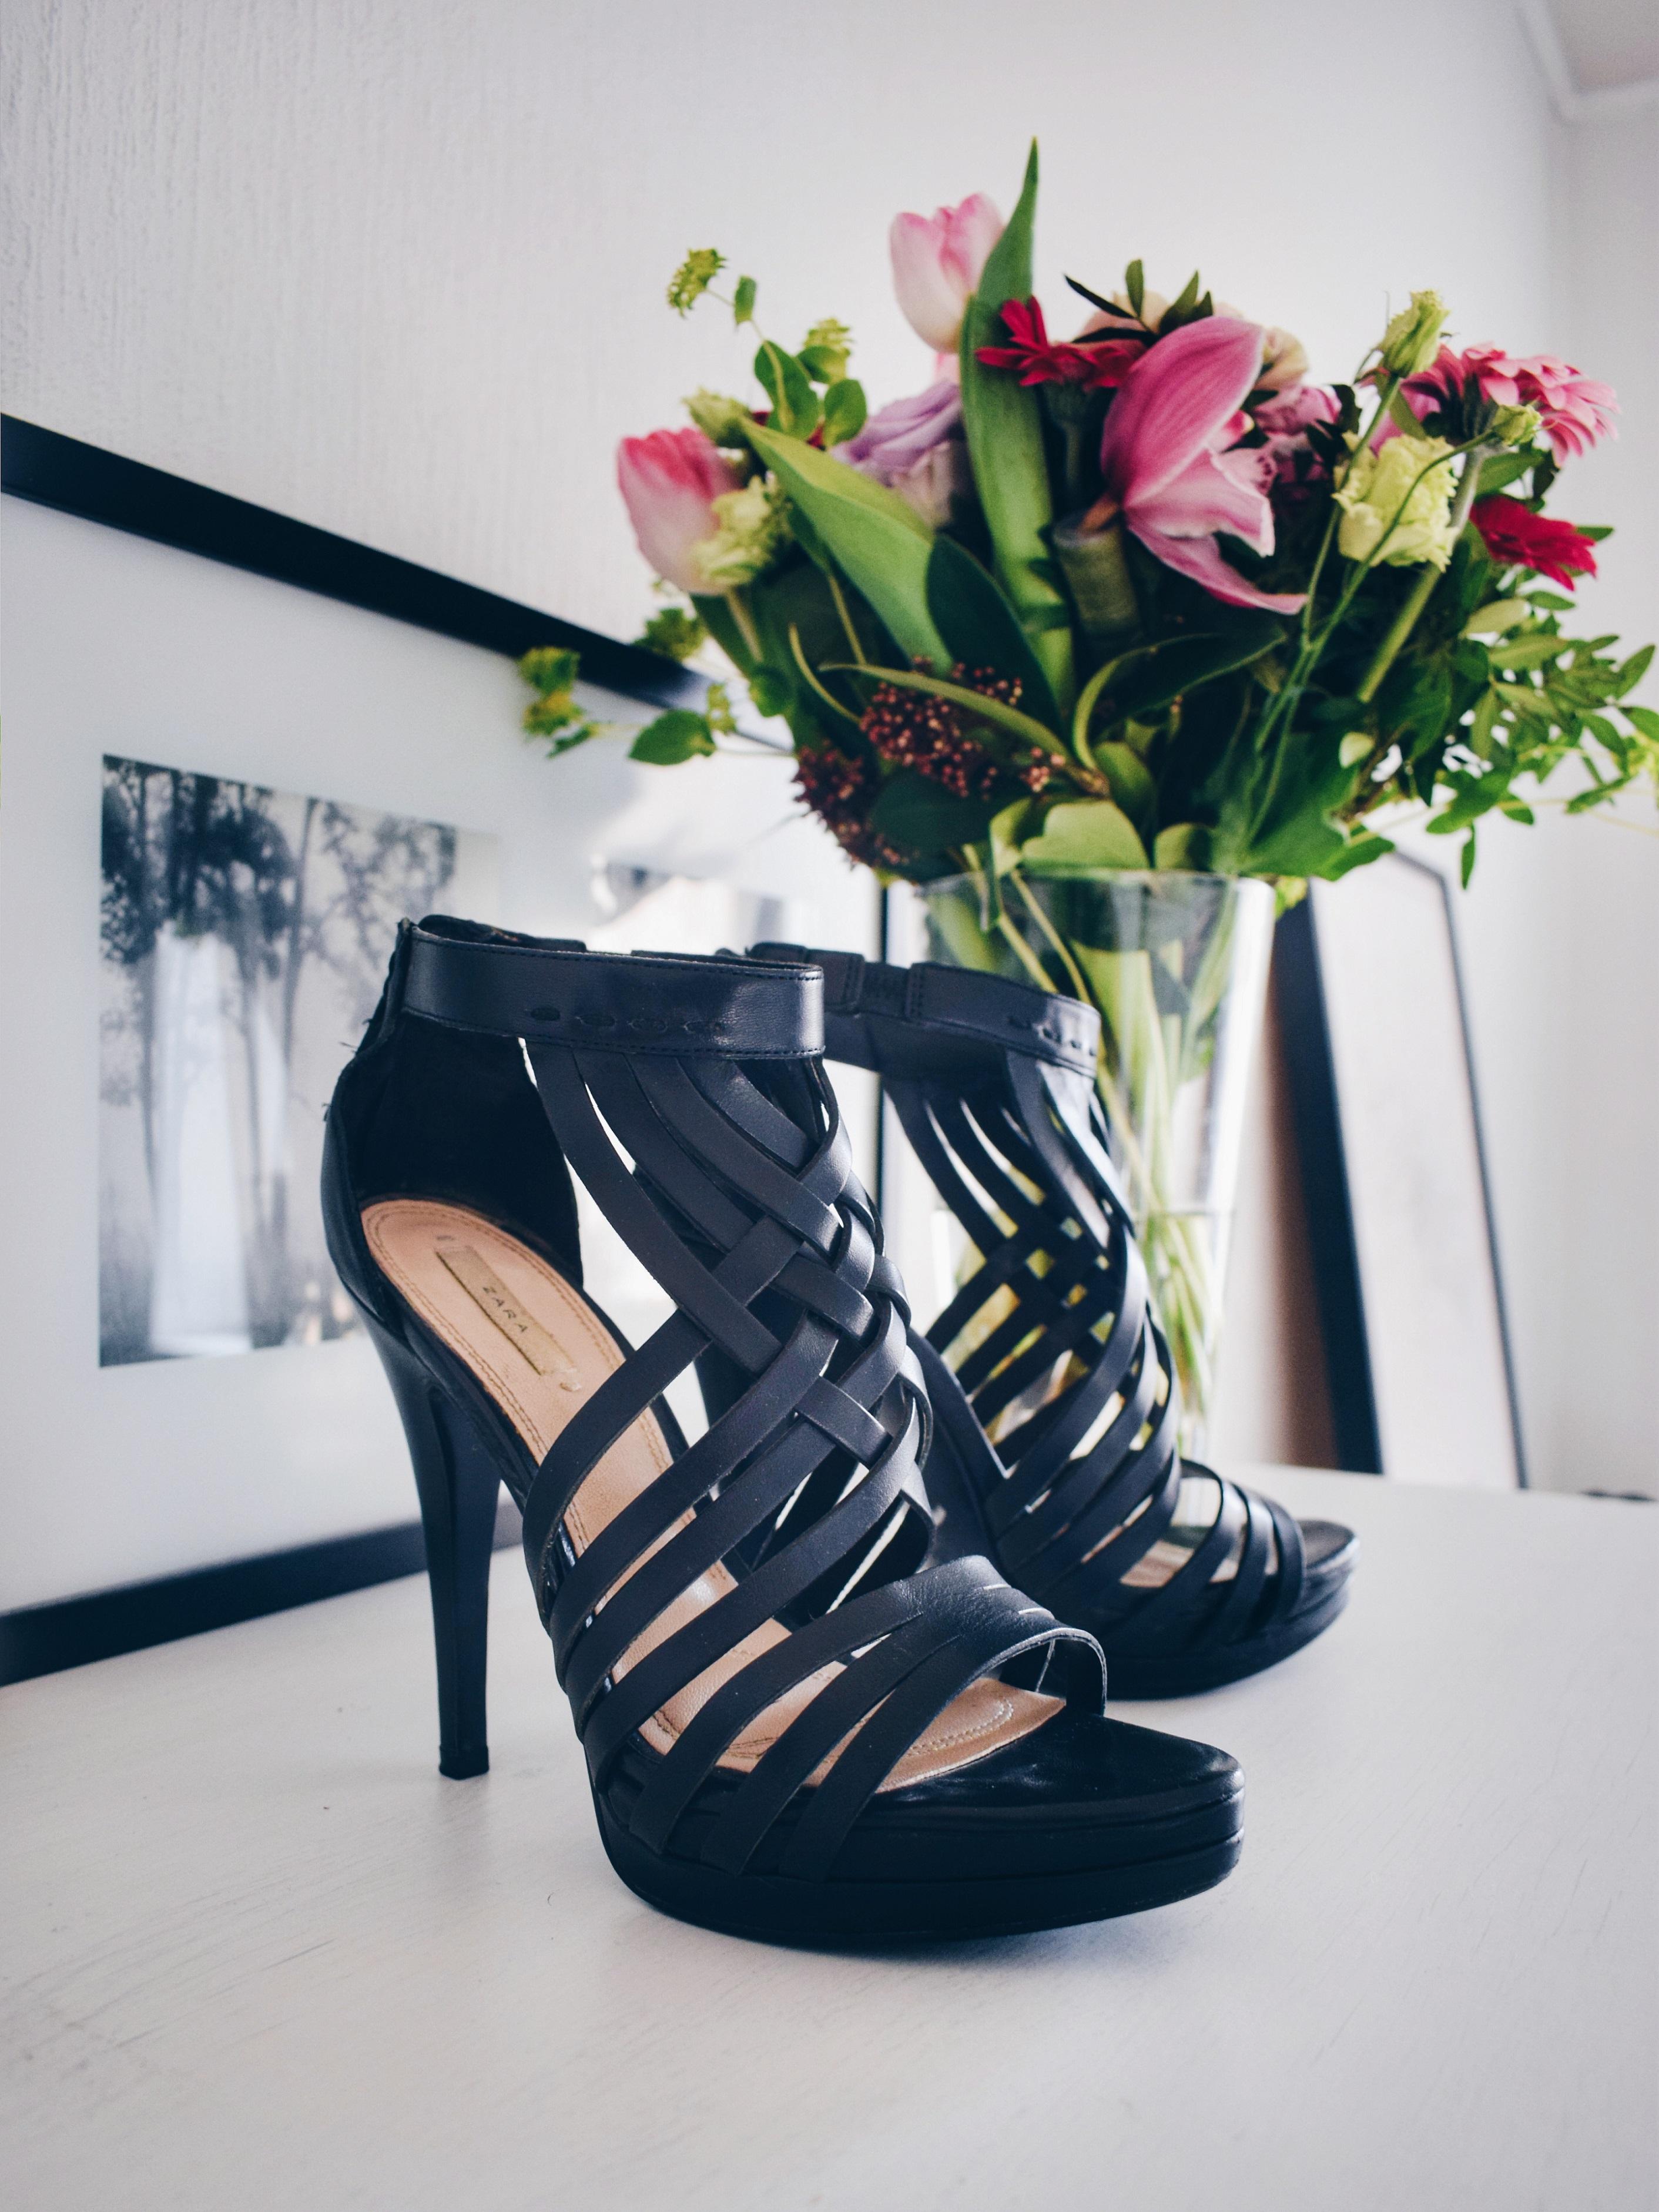 spring trend platform high heels